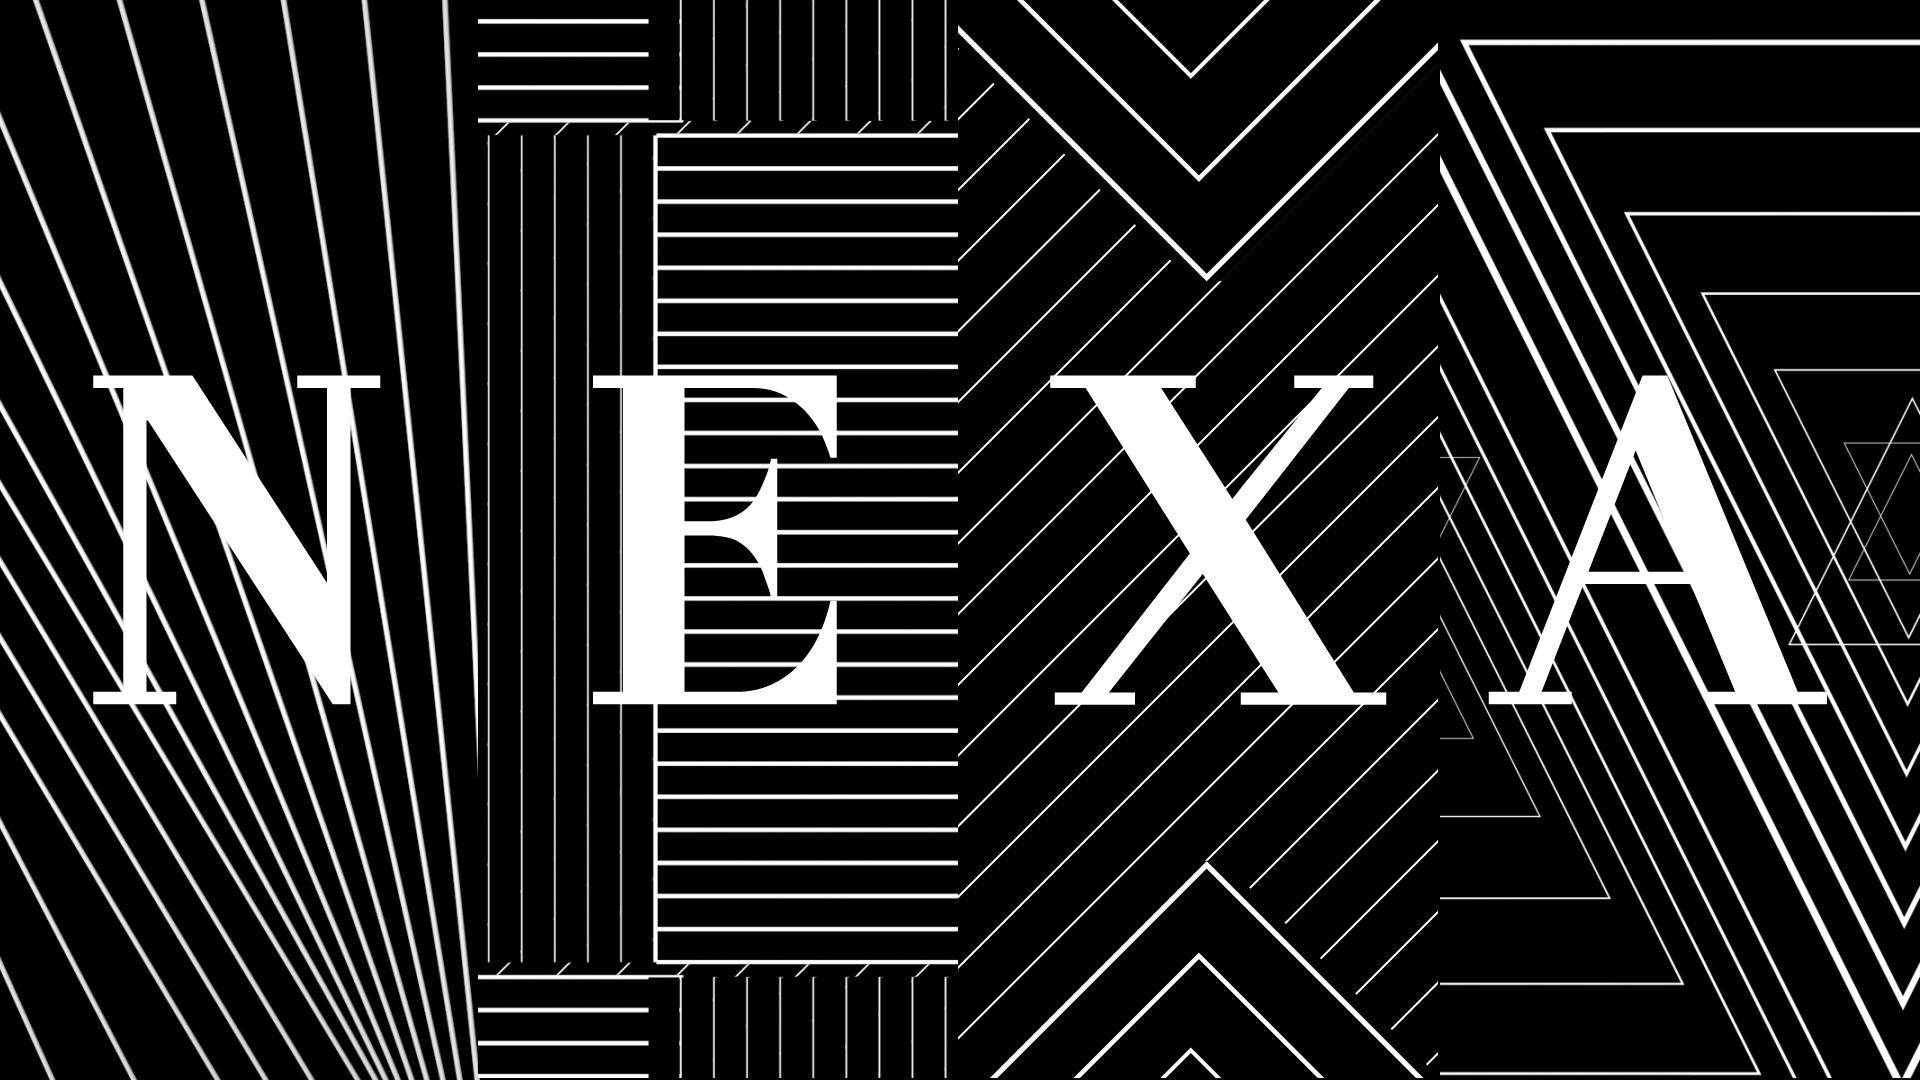 NEXA_logo